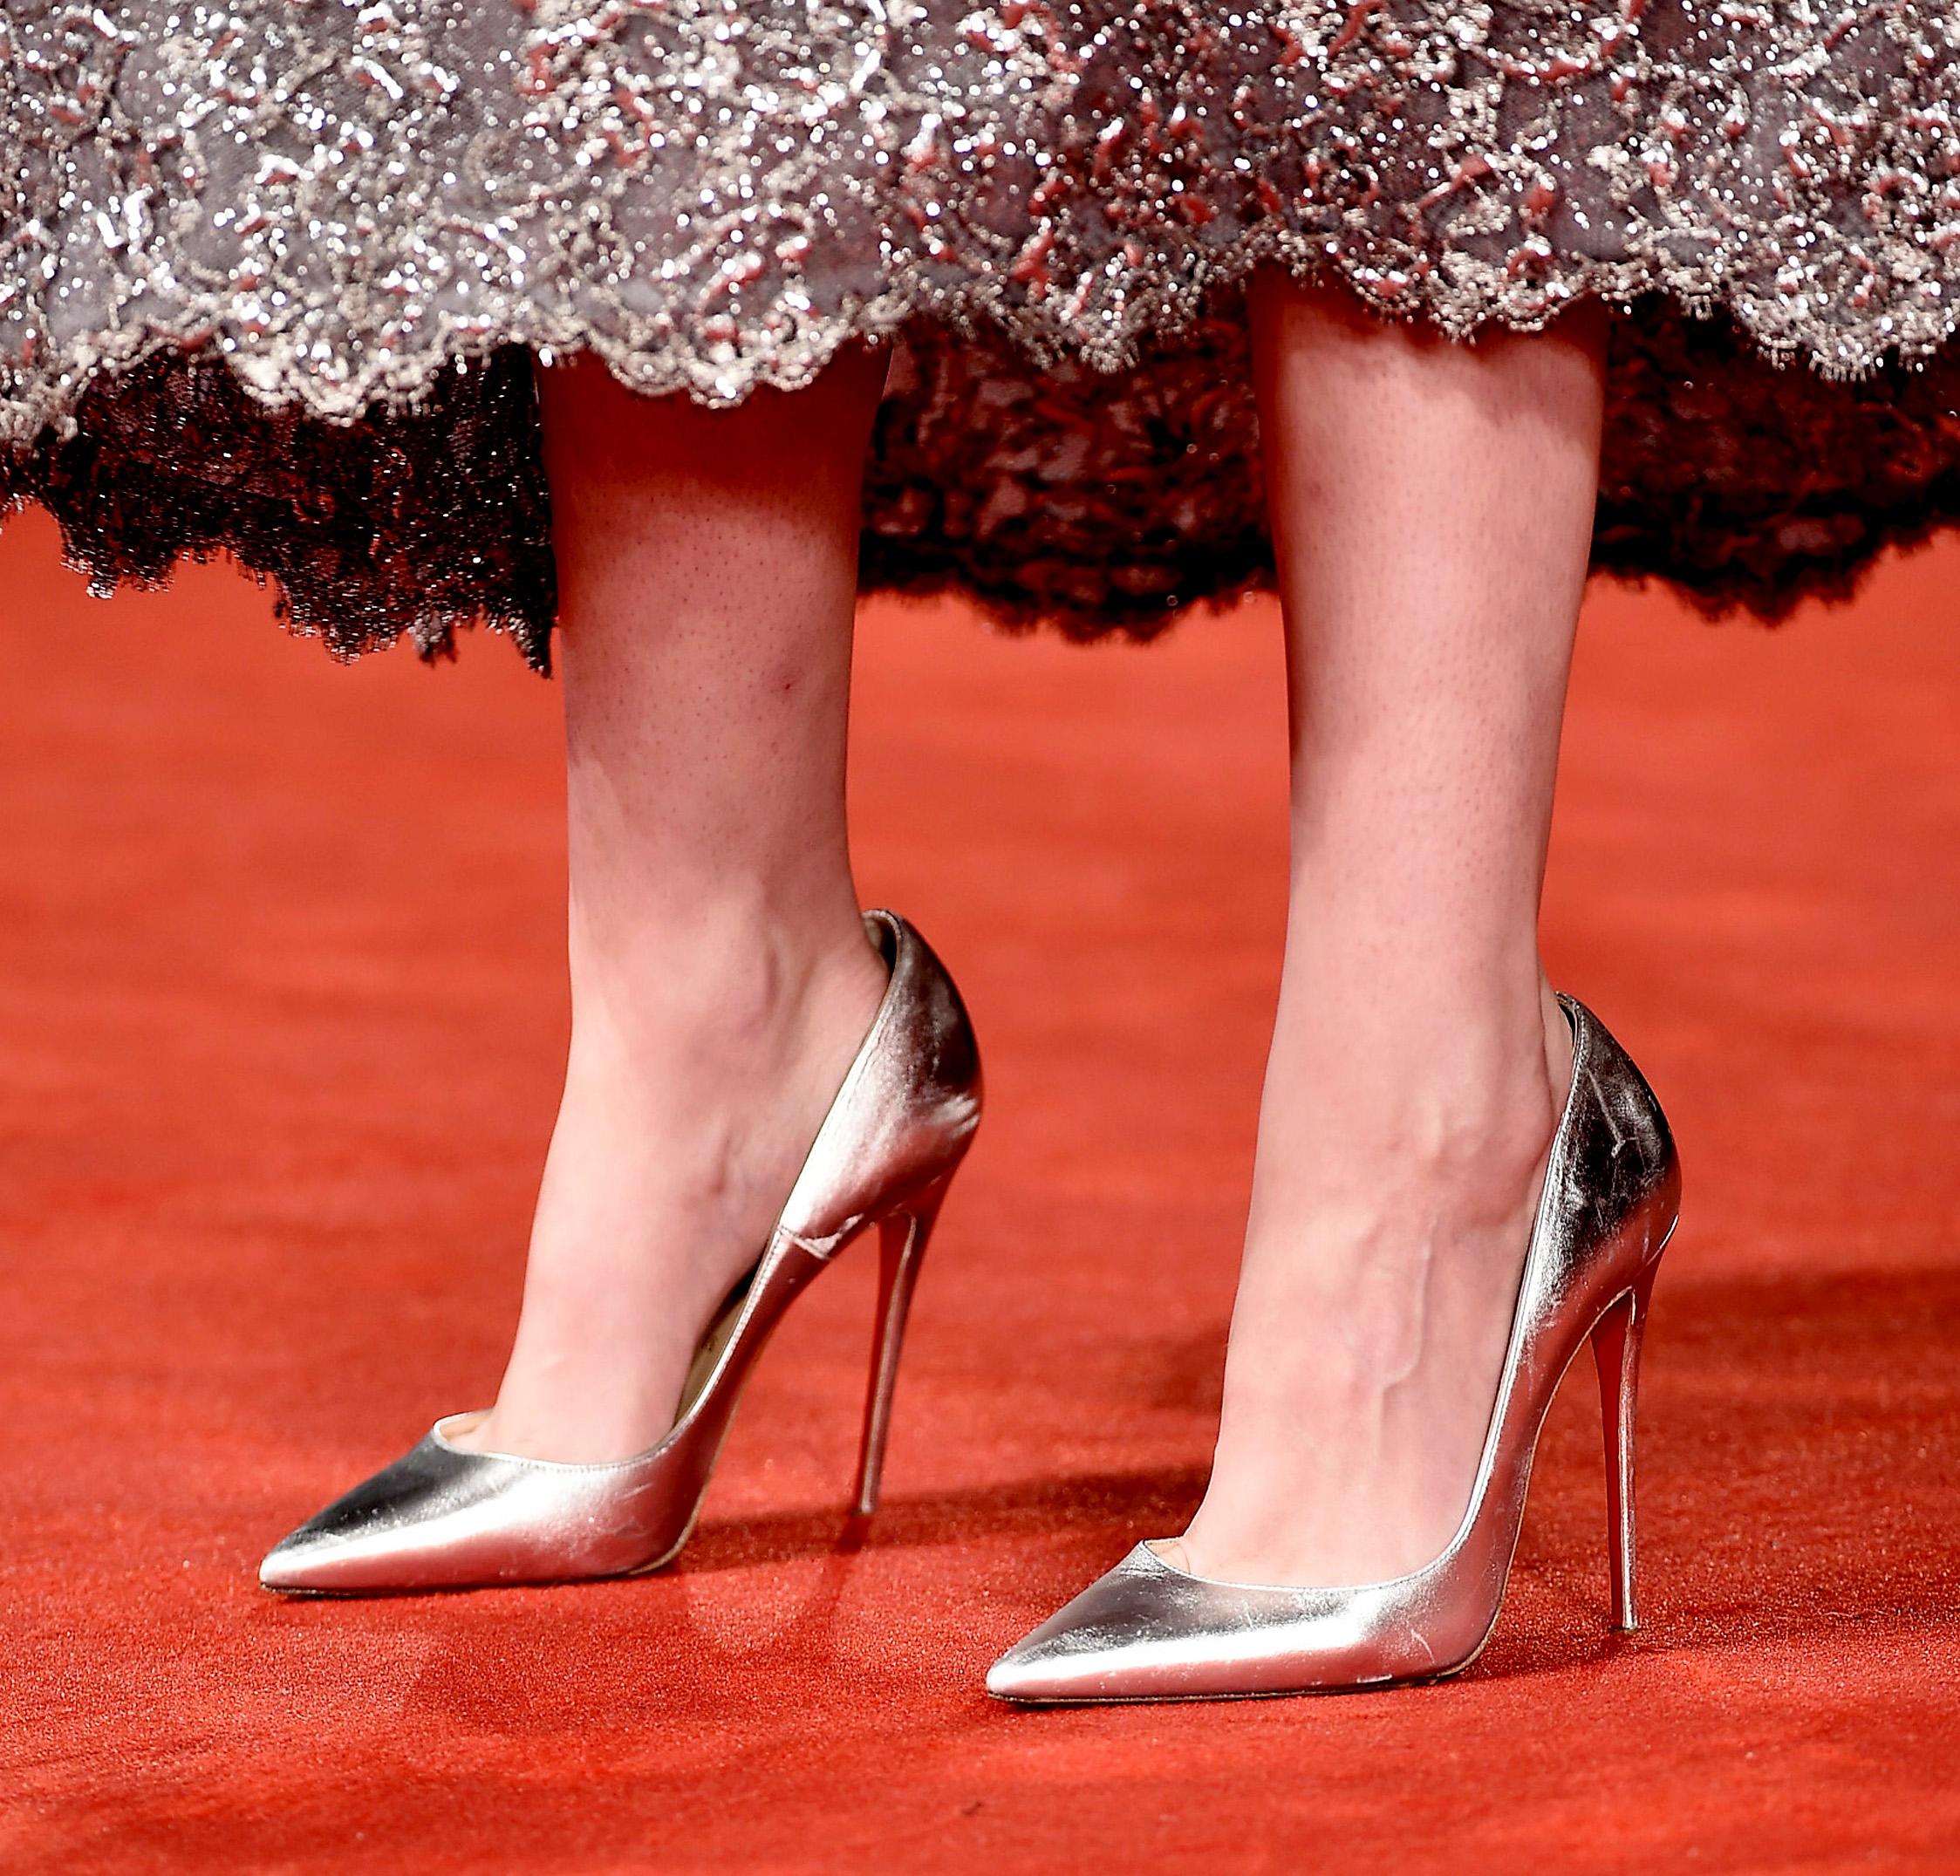 31177ac35 Dlaczego gwiazdy noszą za duże buty? - WP Kobieta